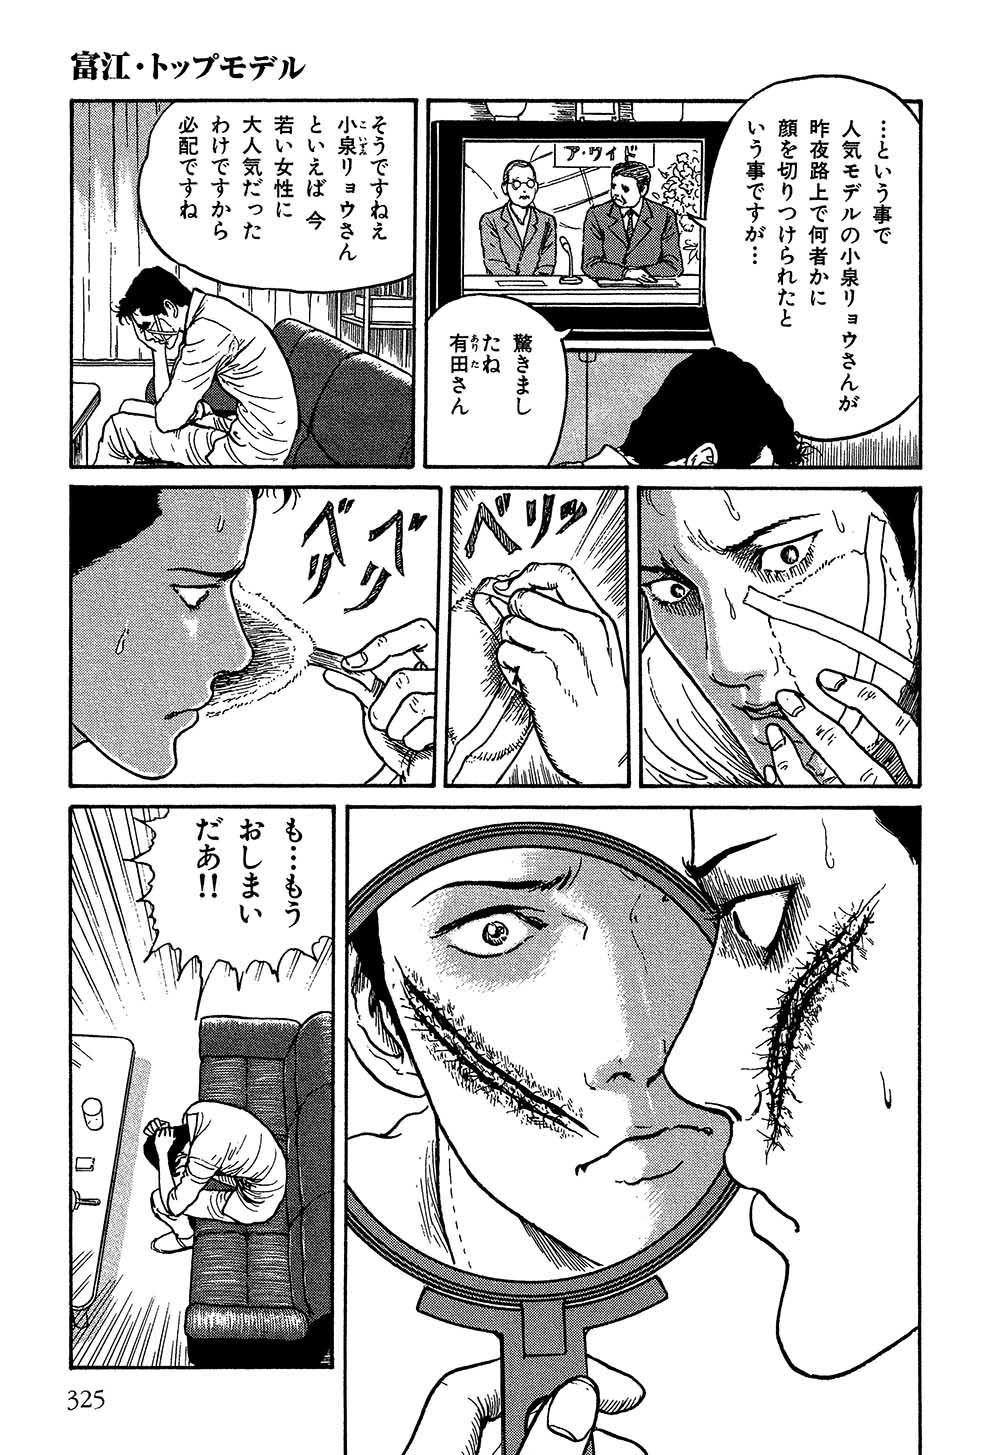 itouj_0002_0327.jpg